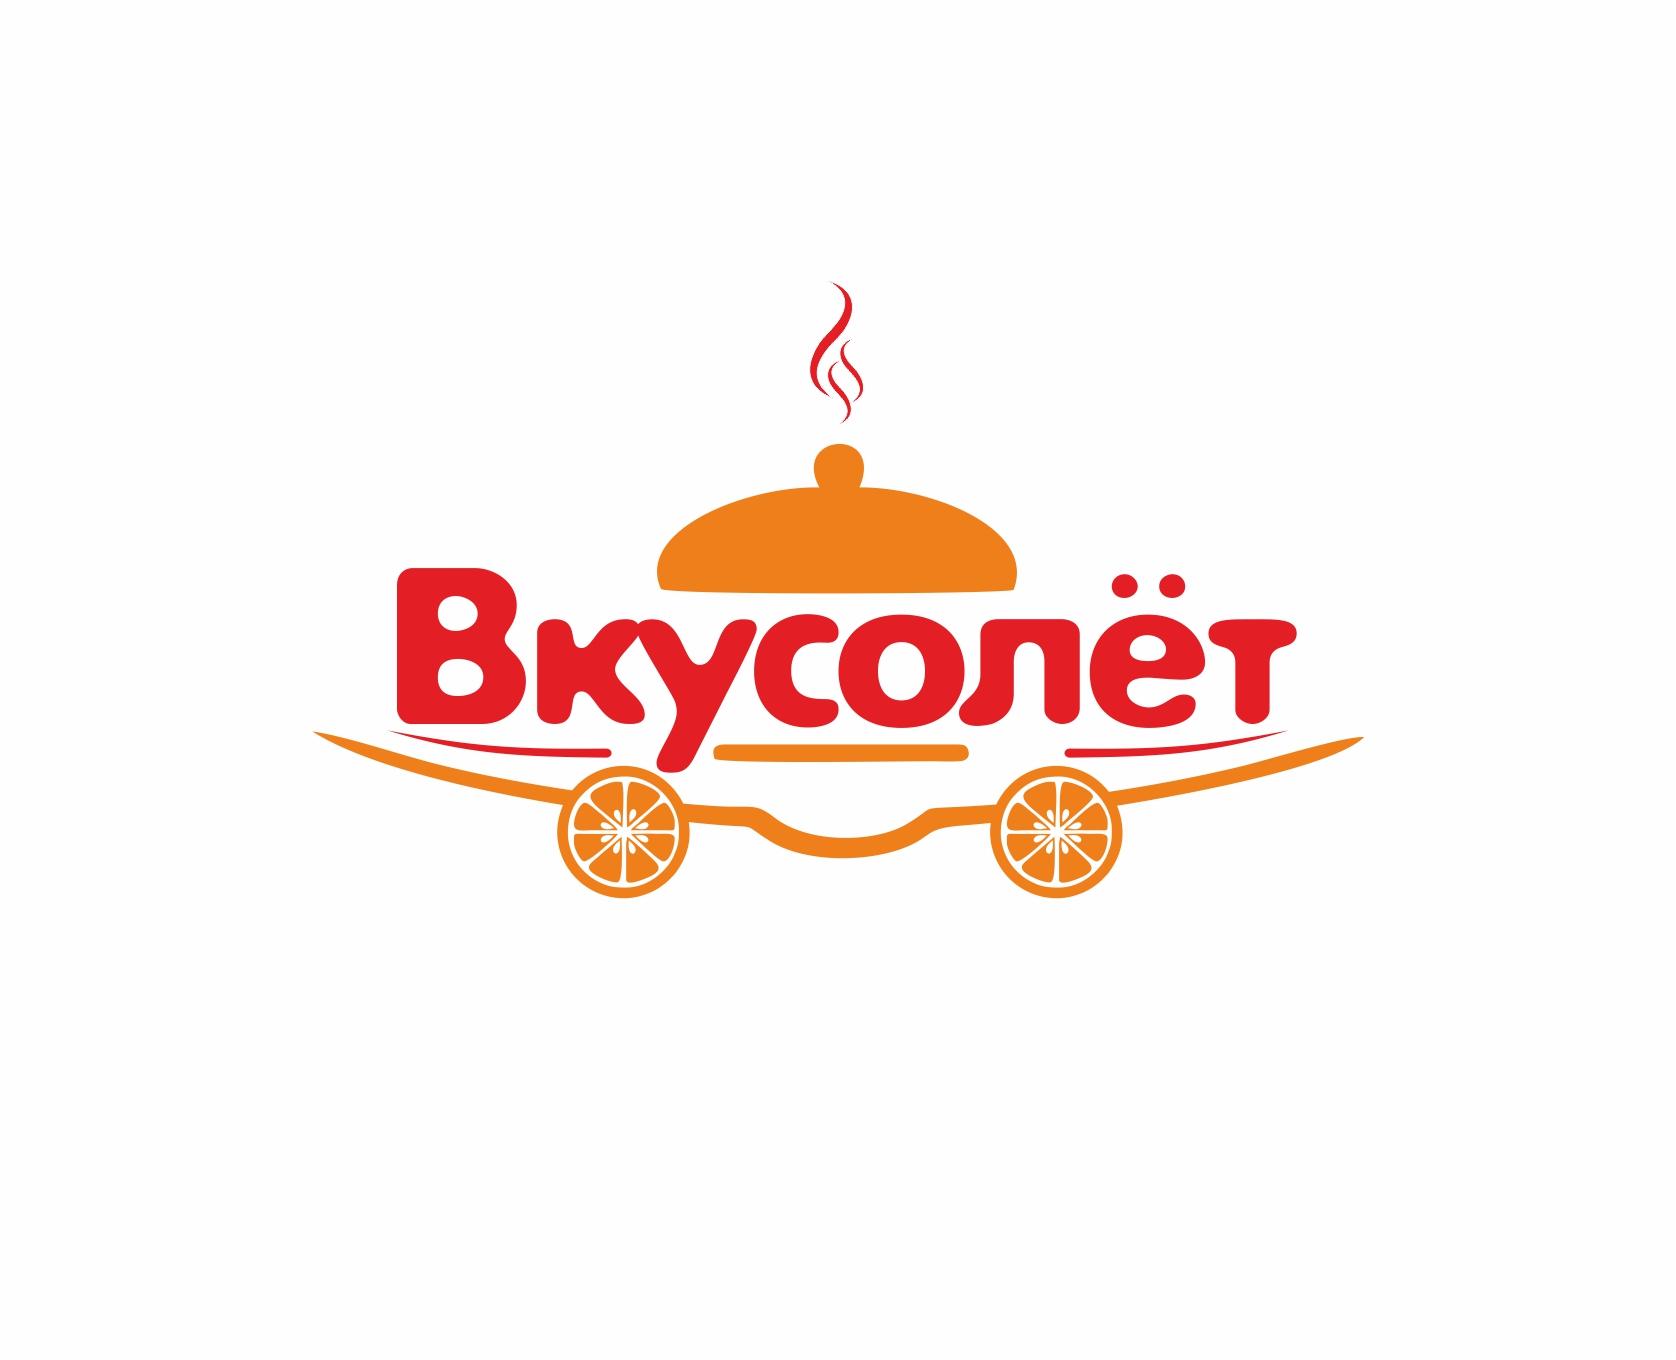 Логотип для доставки еды фото f_30359d4691b117b1.jpg